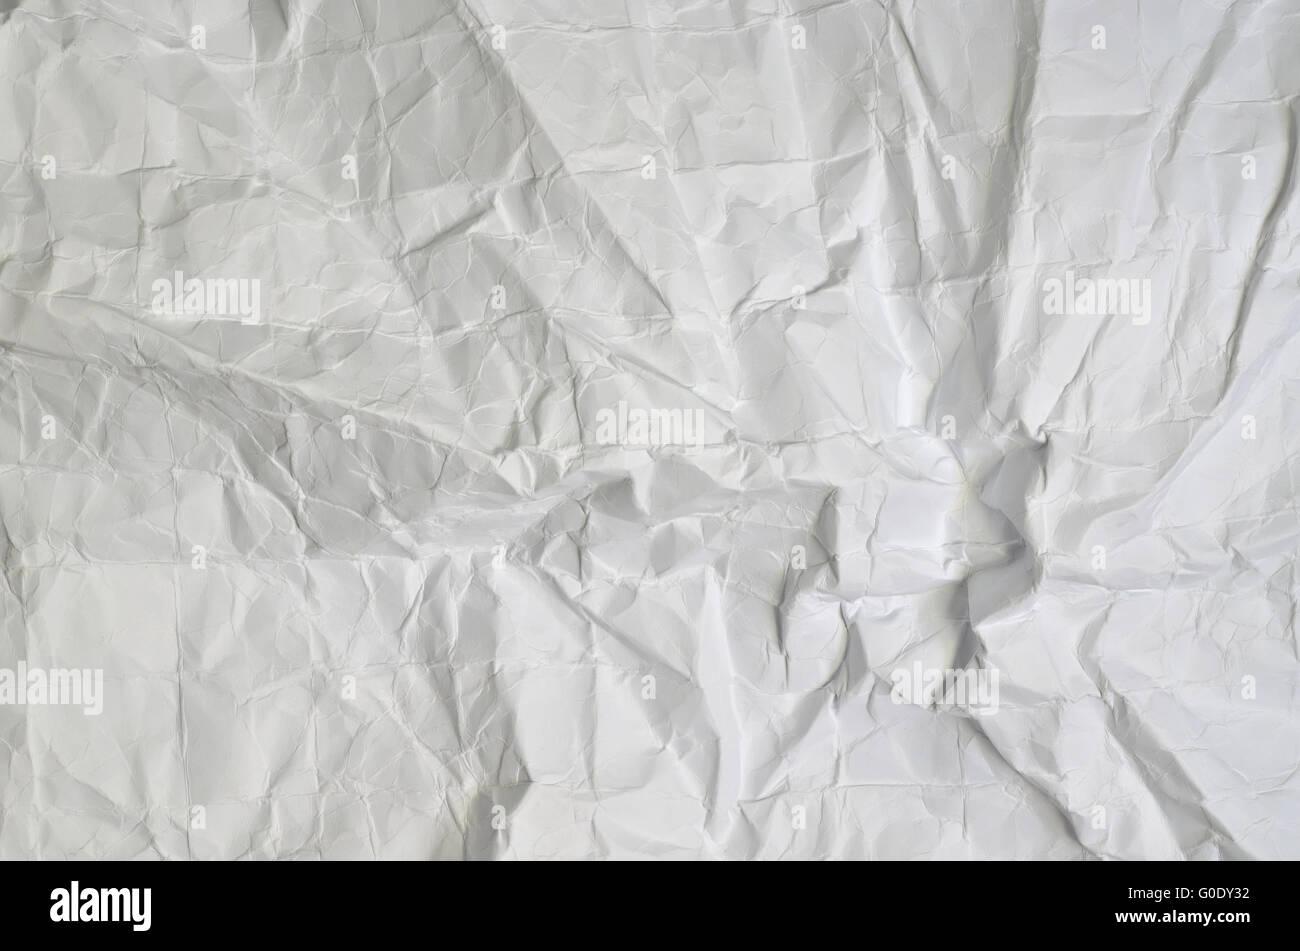 Gros plan d'une texture de papier blanc, plié, full frame, horizontal Photo Stock